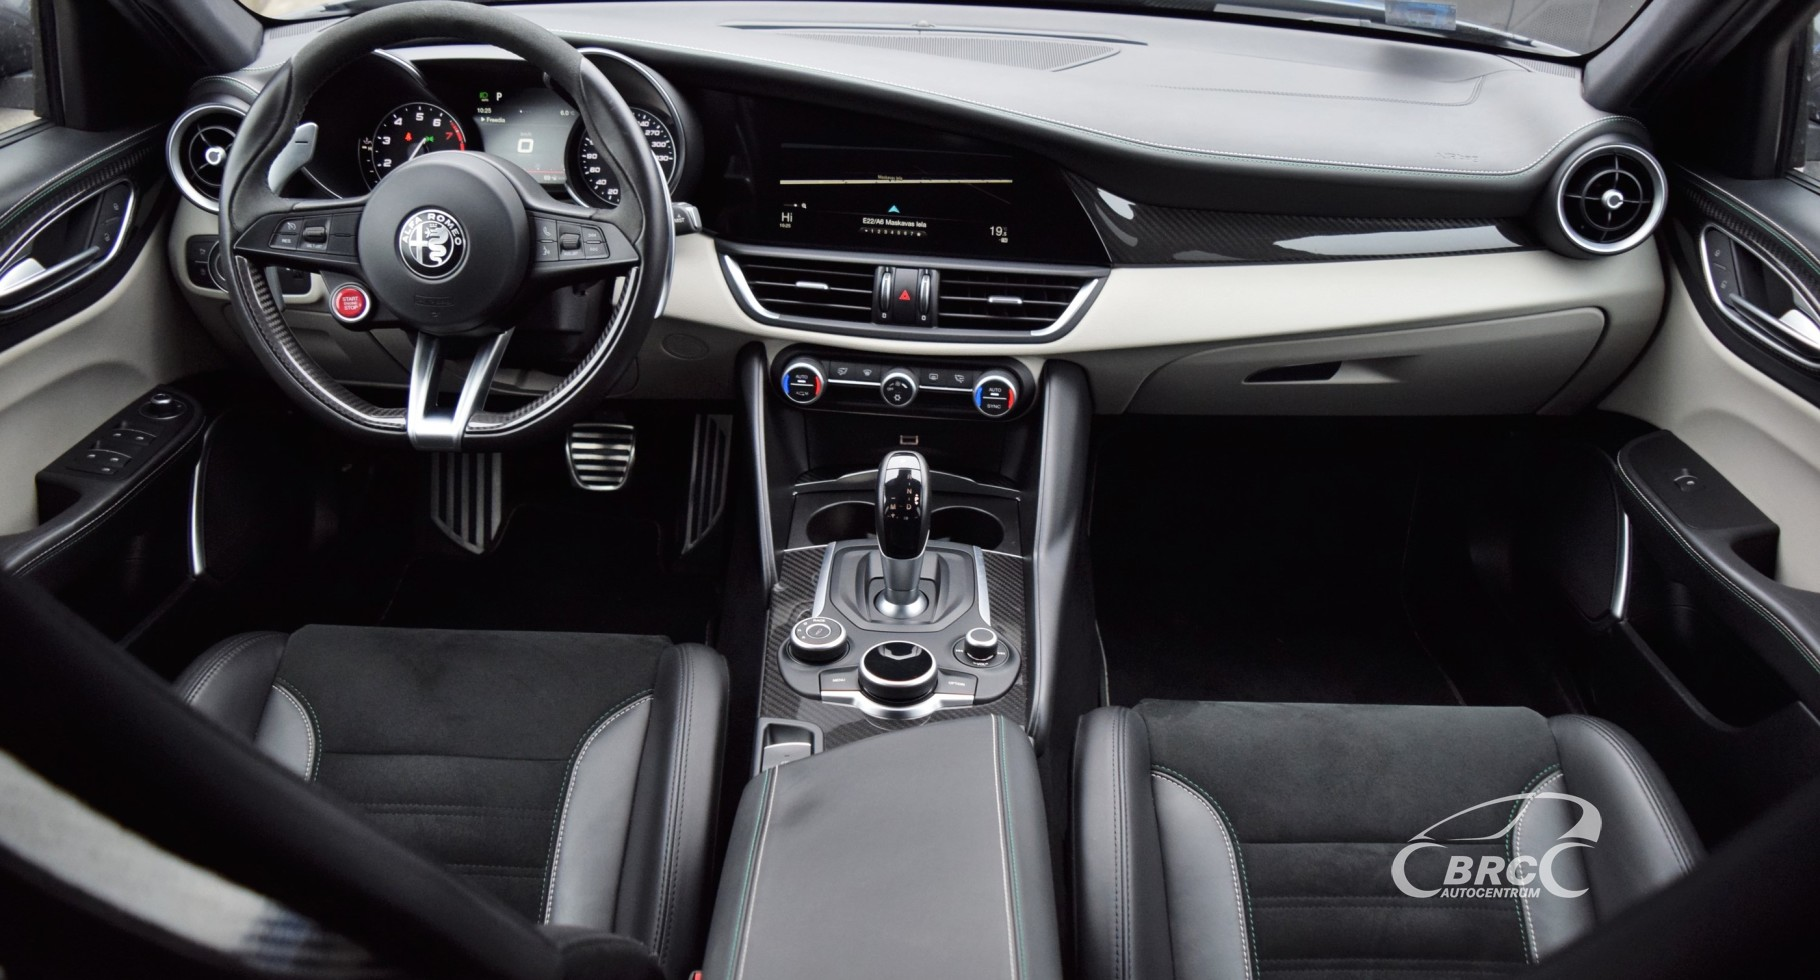 Alfa Romeo Giulia Quadrifoglio 2.9 V6 Bi-Turbo